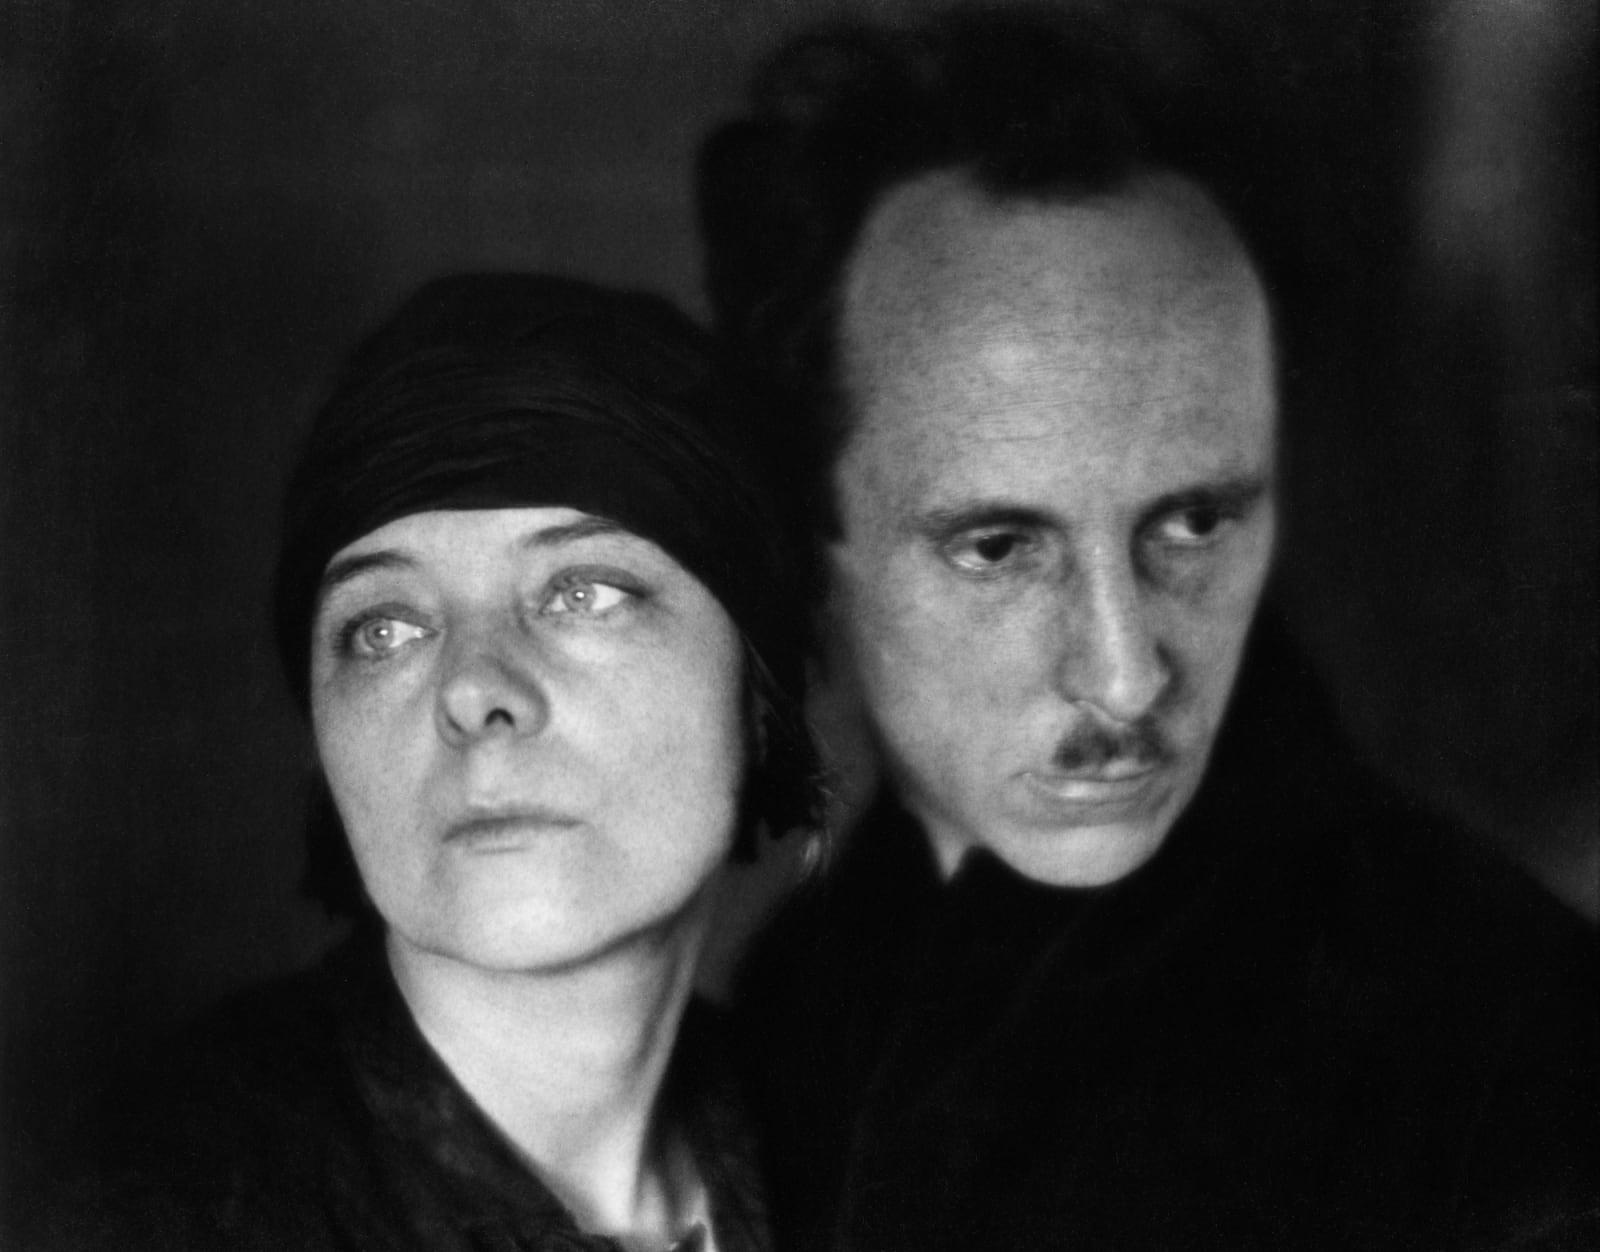 Edward and Margrethe 3, 1922